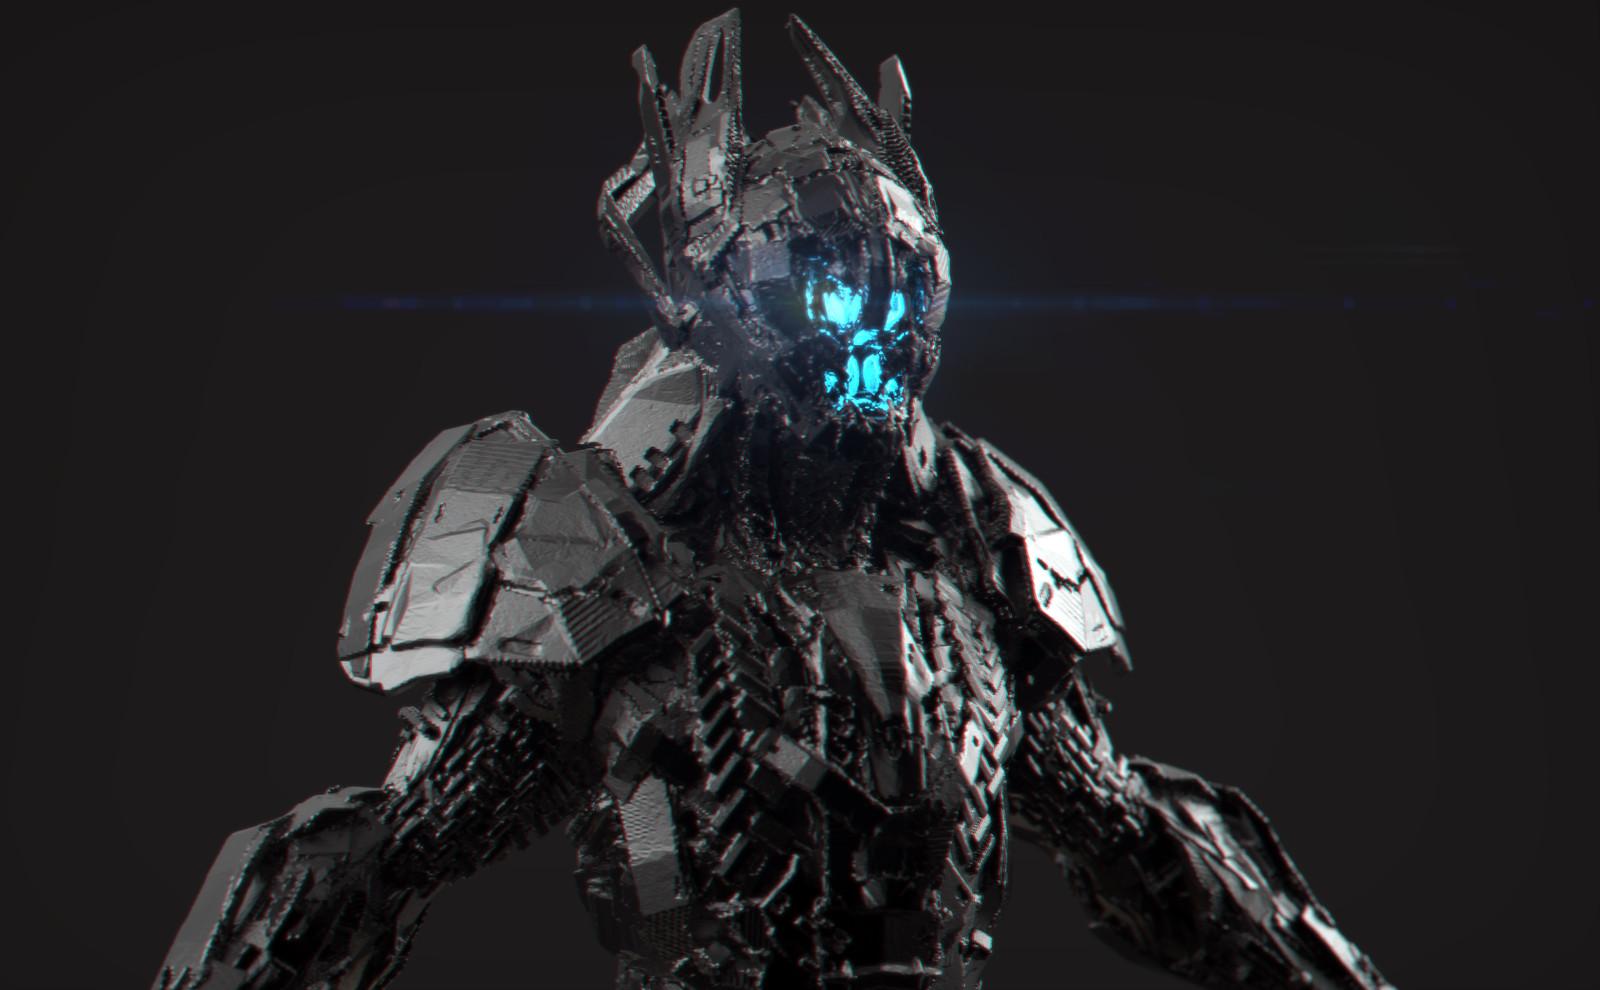 Tech Soldier 3D coat concept design